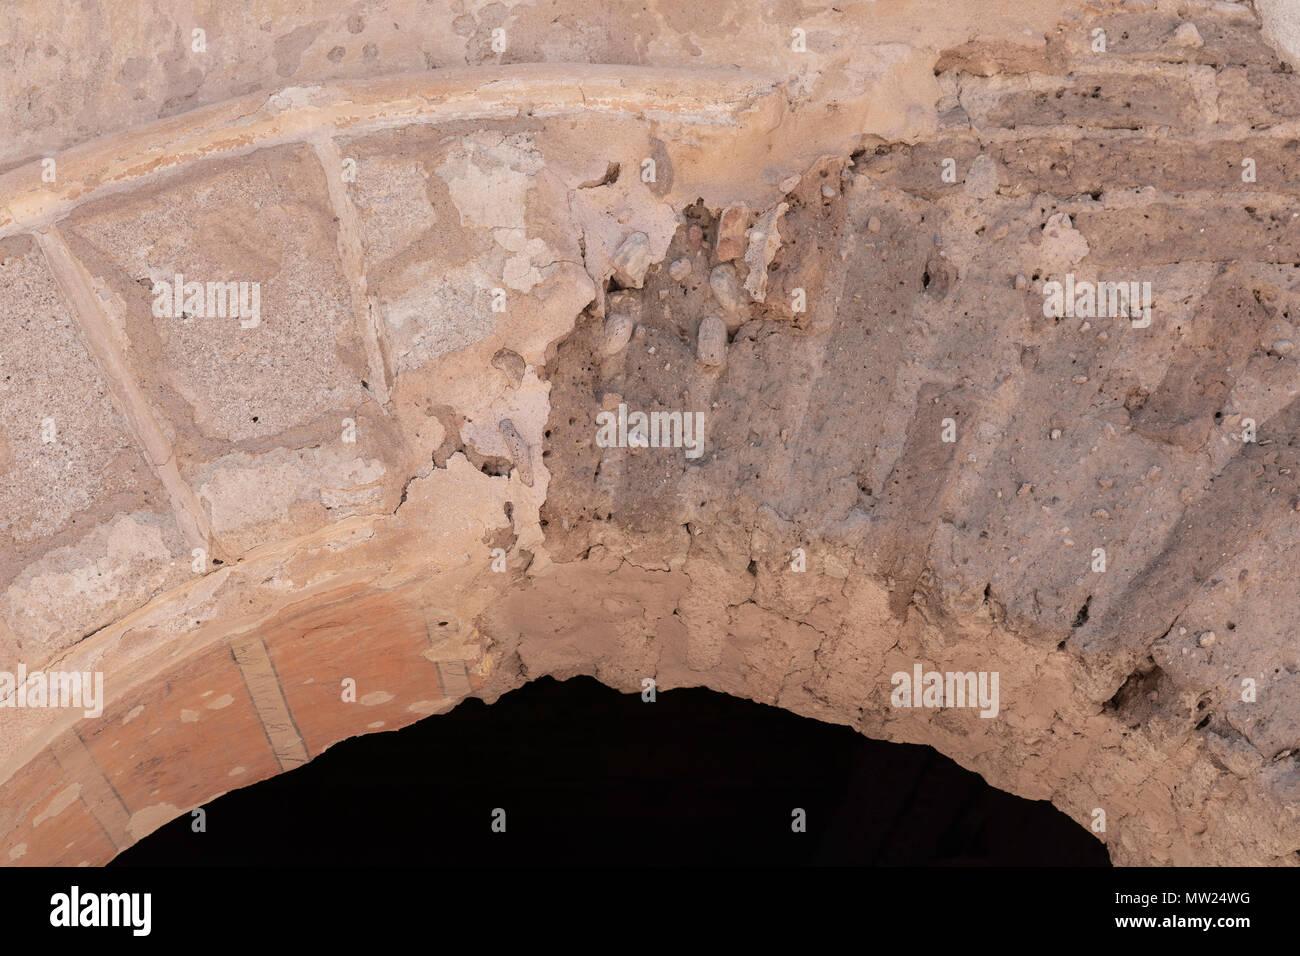 Exposed adobe brick, Tumacacori Mission, Tumacácori National Historical Park, Arizona - Stock Image